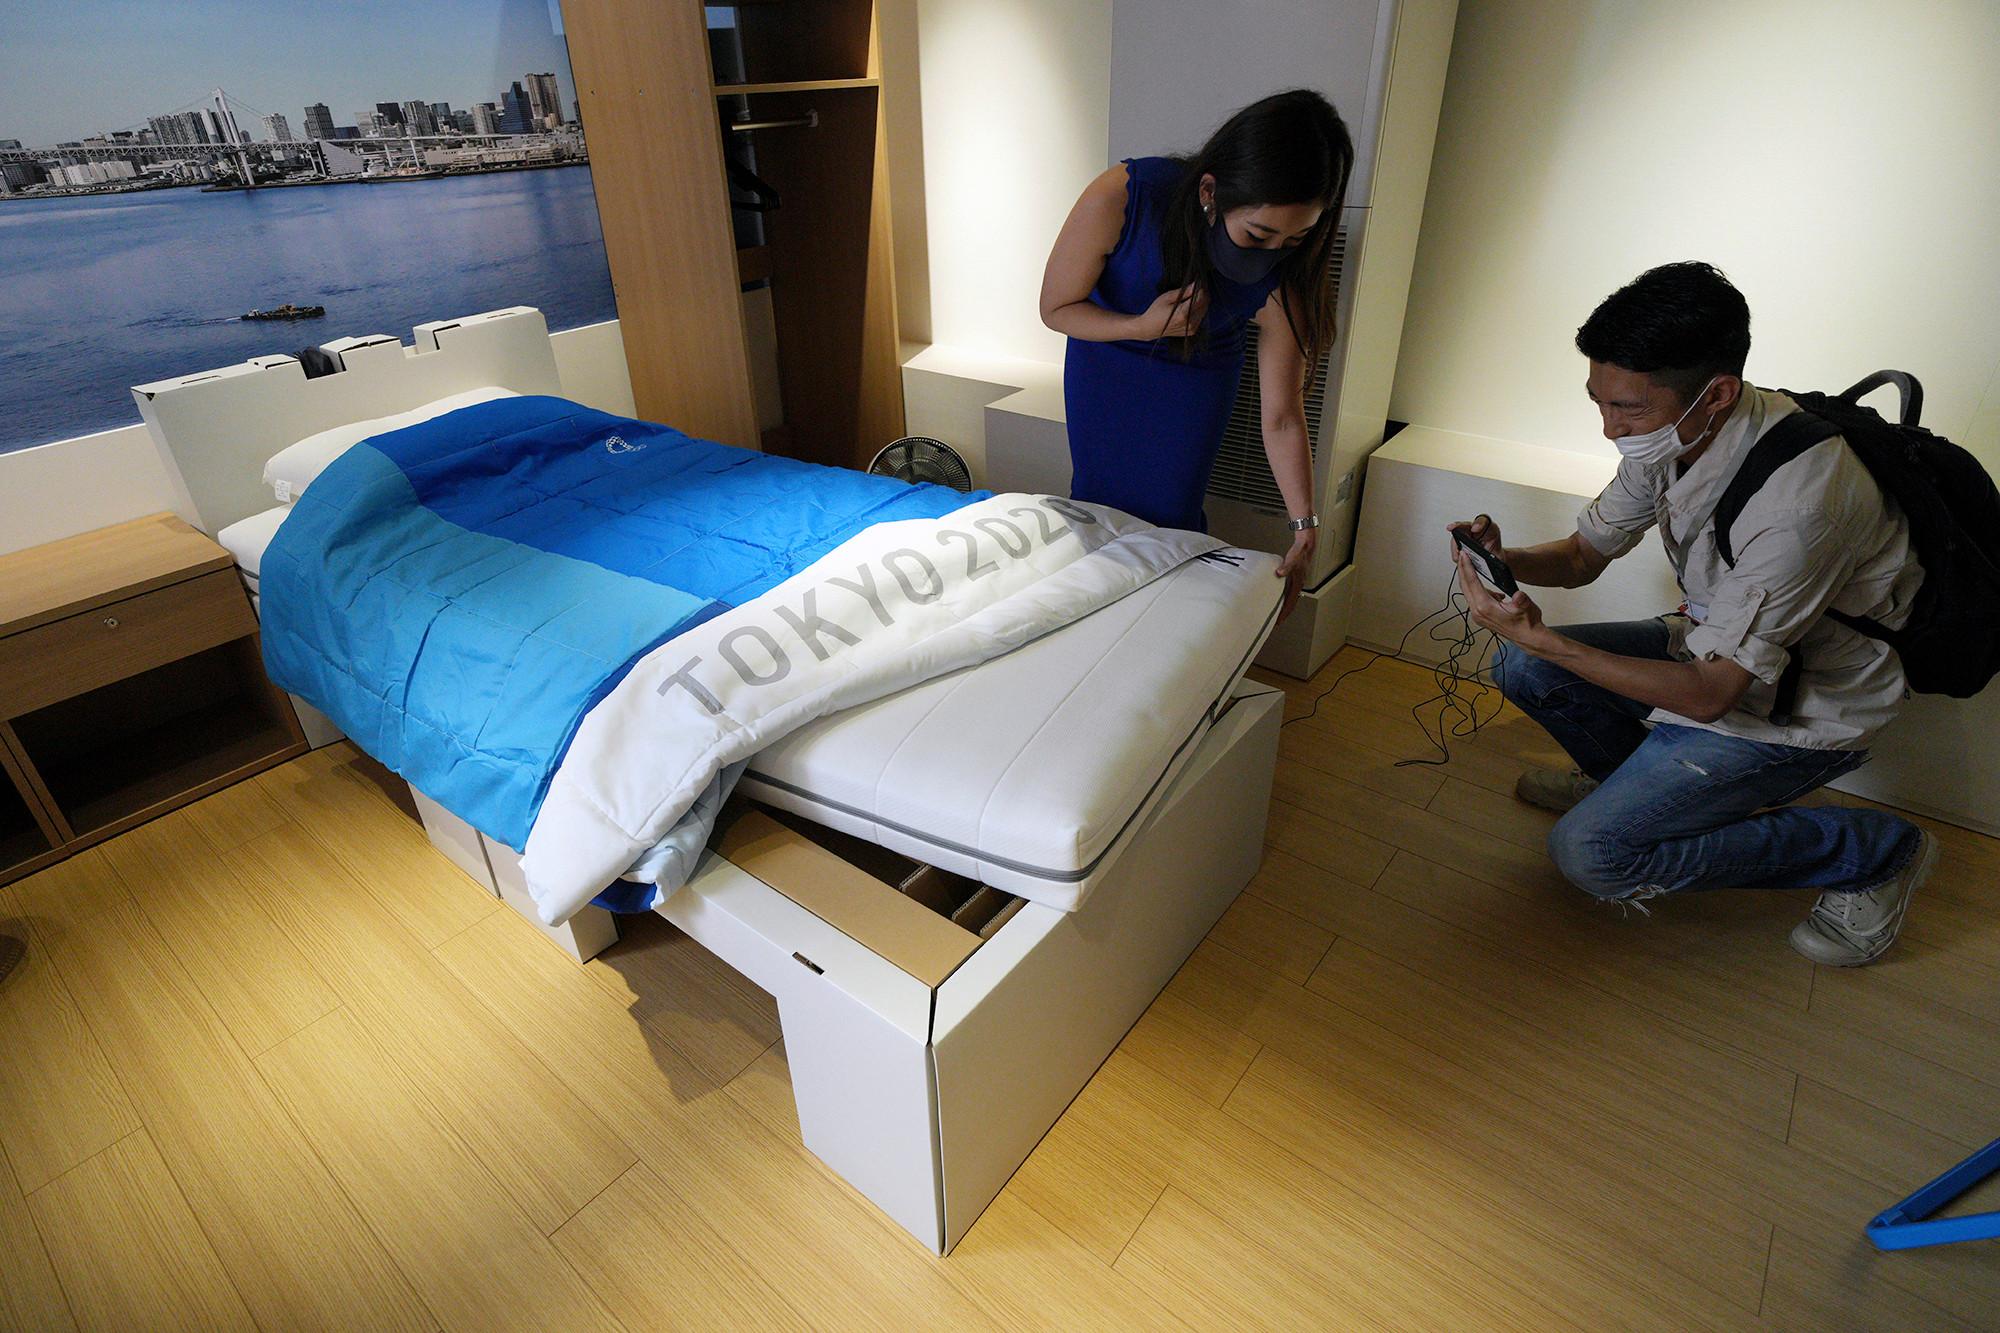 Atlet Olimpiade Tokyo Harus Tidur di Kasur Kardus 'Anti-Sex', Gimana Wujudnya?